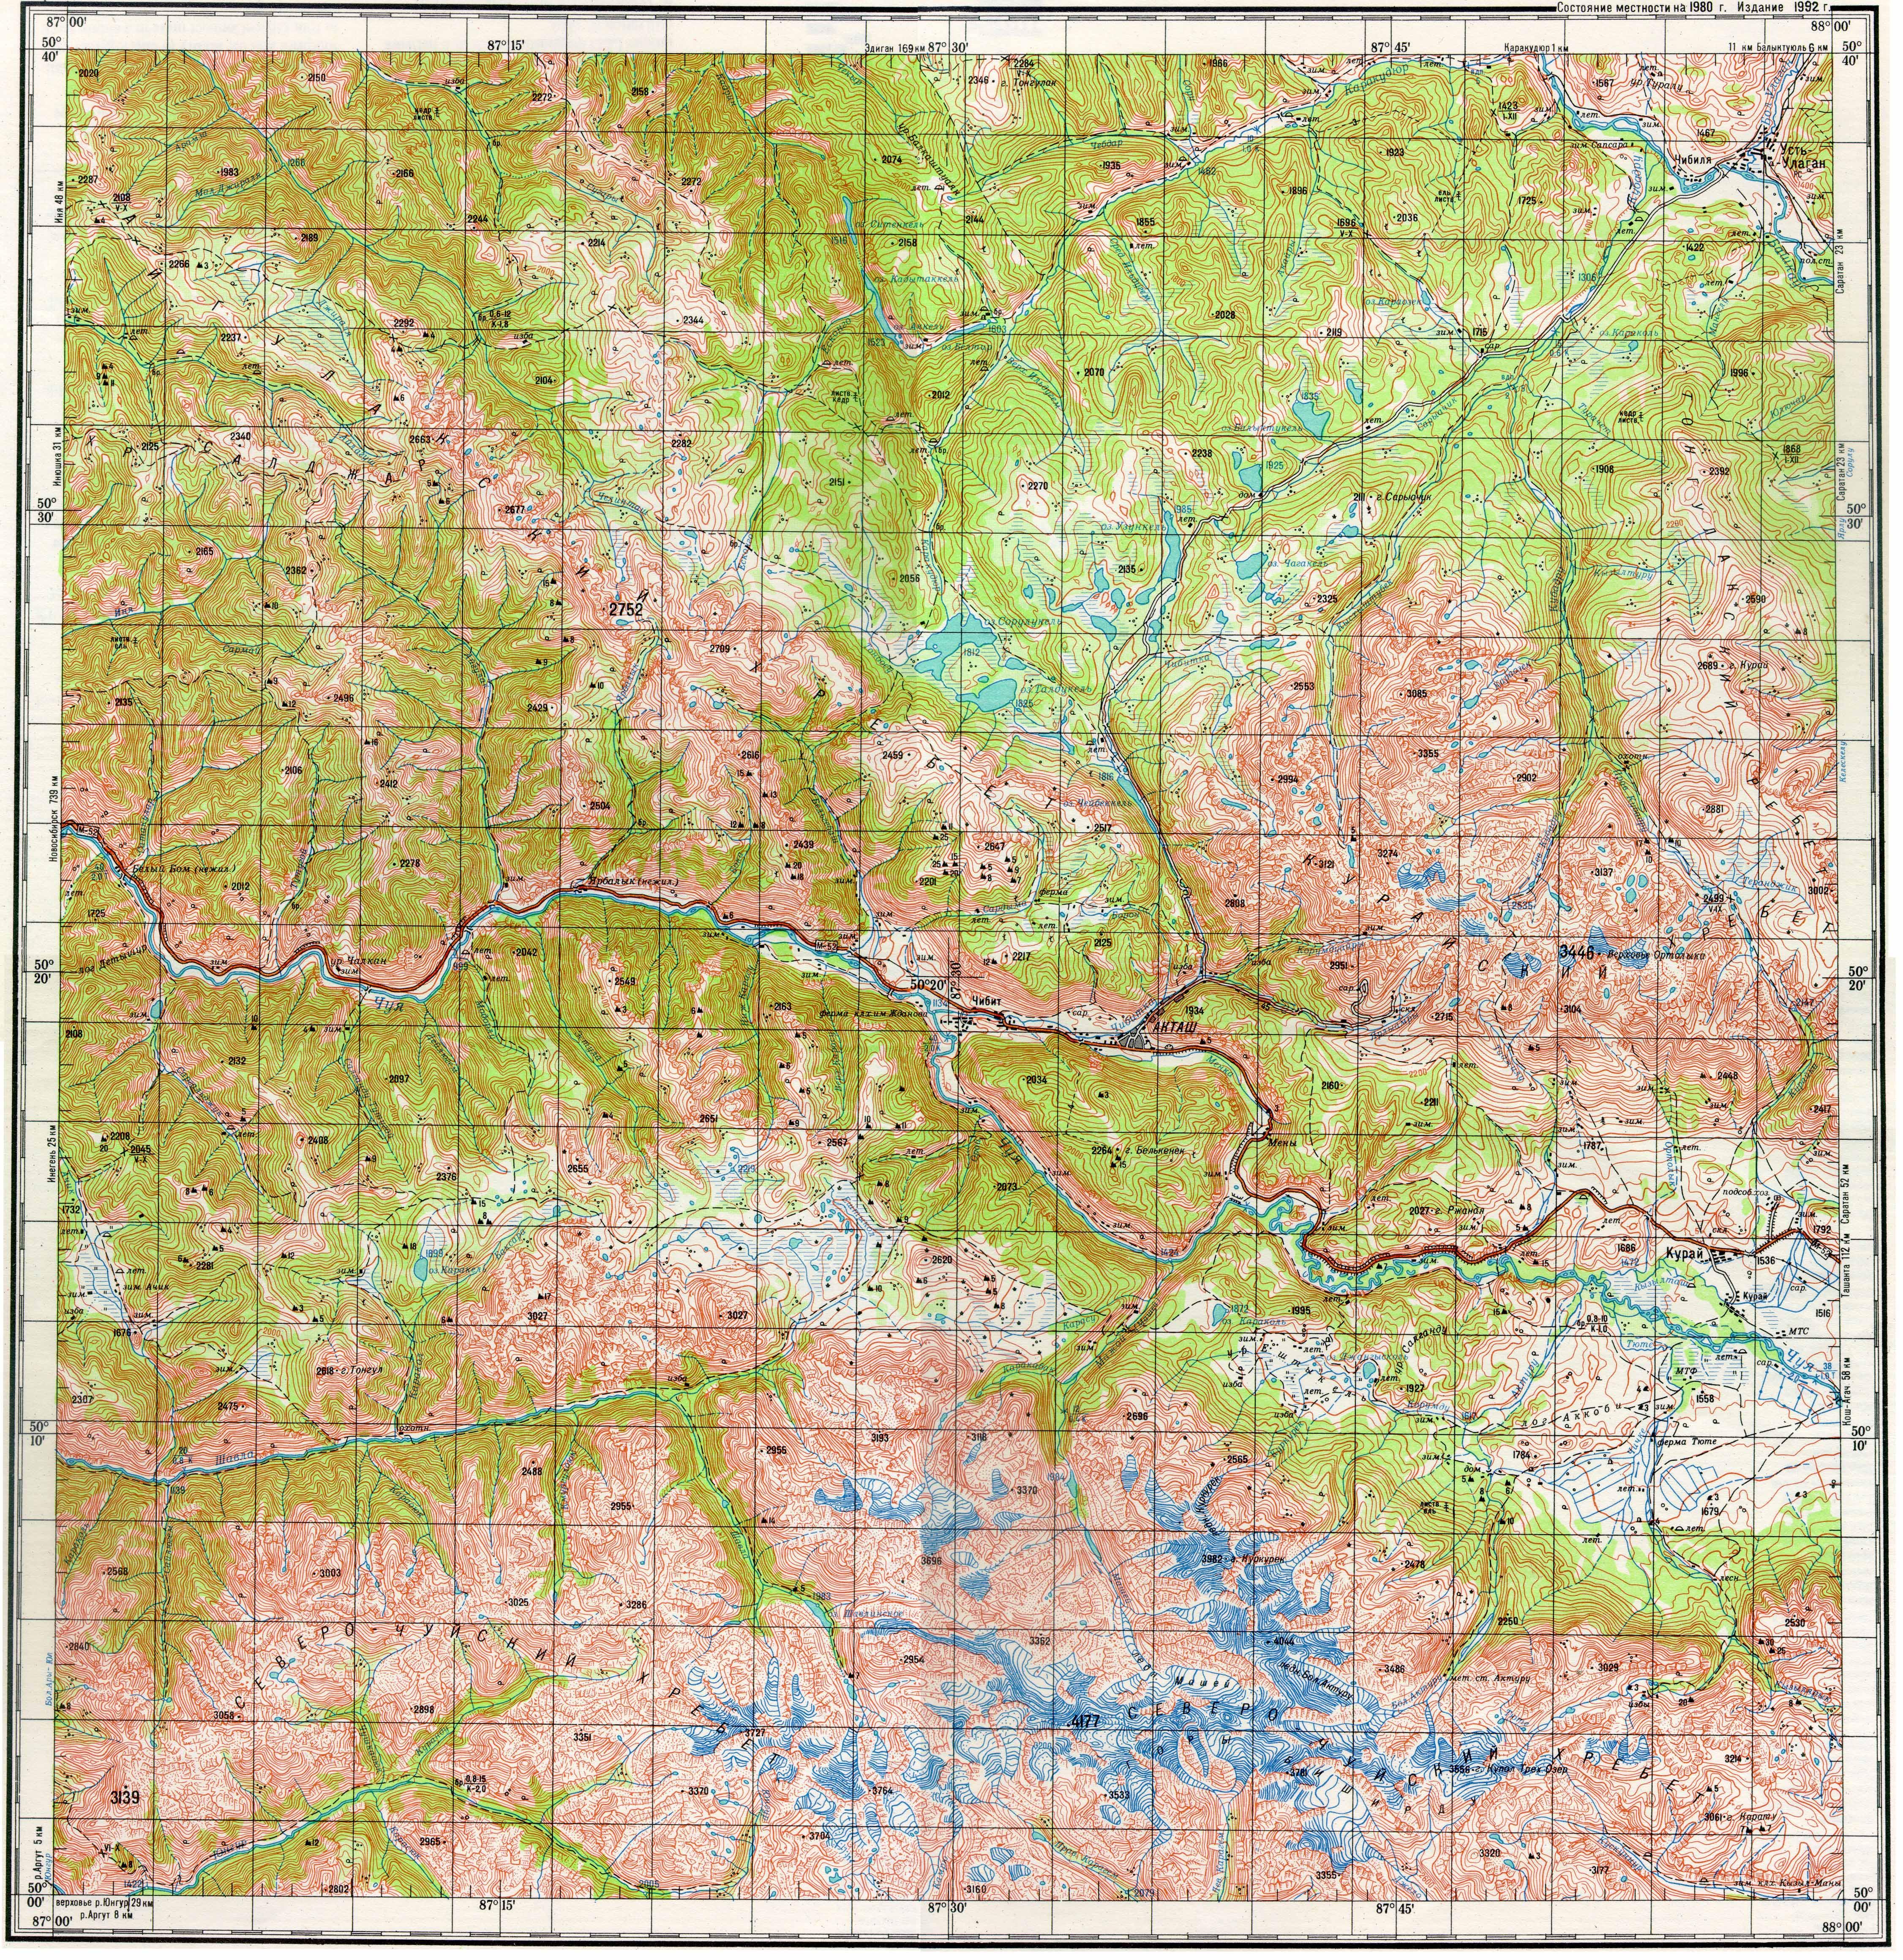 Скачать карту m-45-16 (4429 Kb)